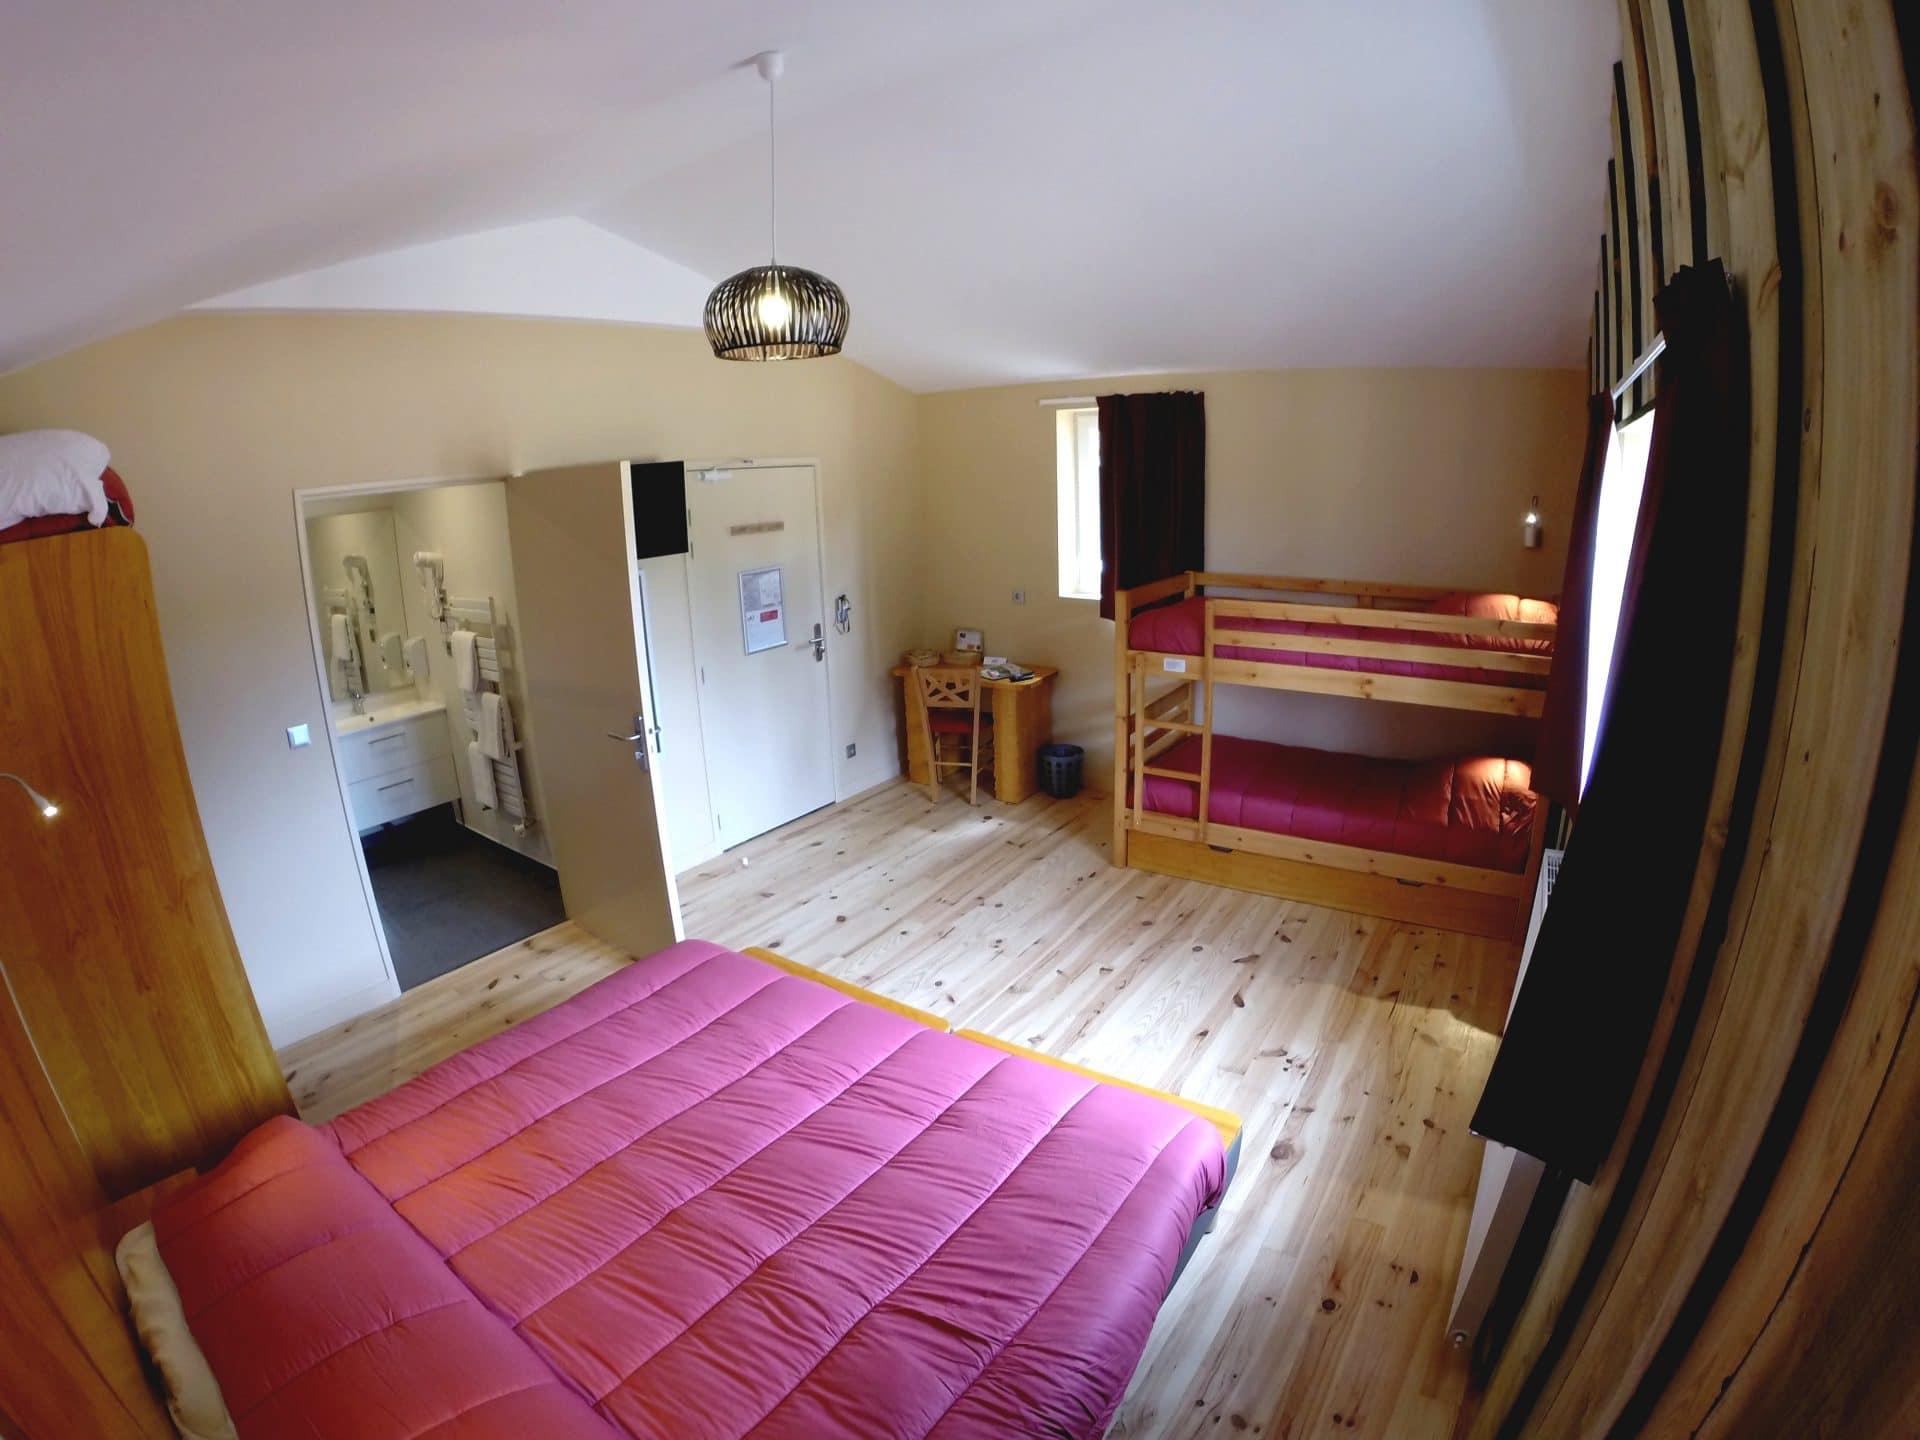 Chambre 2 4 personnes defiplanet - Hotel chambre 4 personnes ...